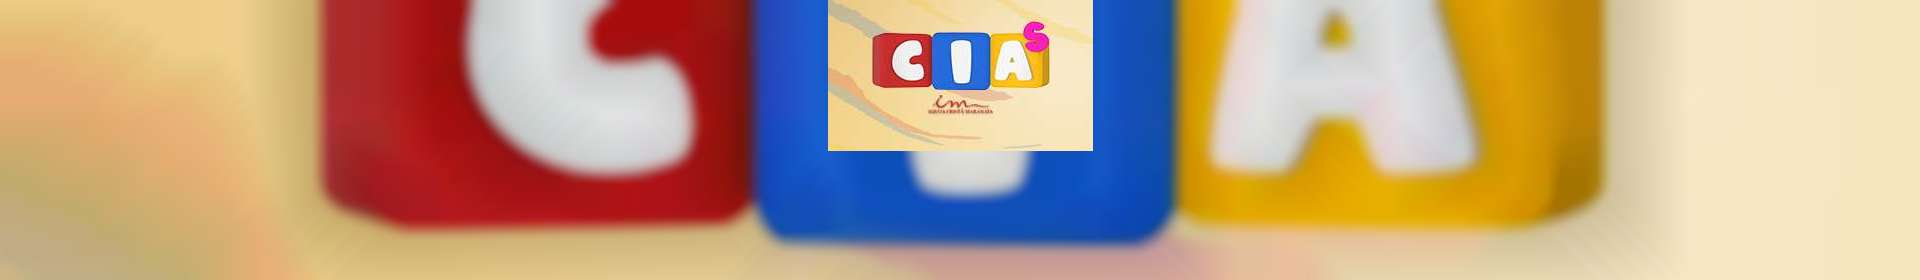 Aula de CIAS: classe de 3 a 7 anos - 30 de abril de 2020